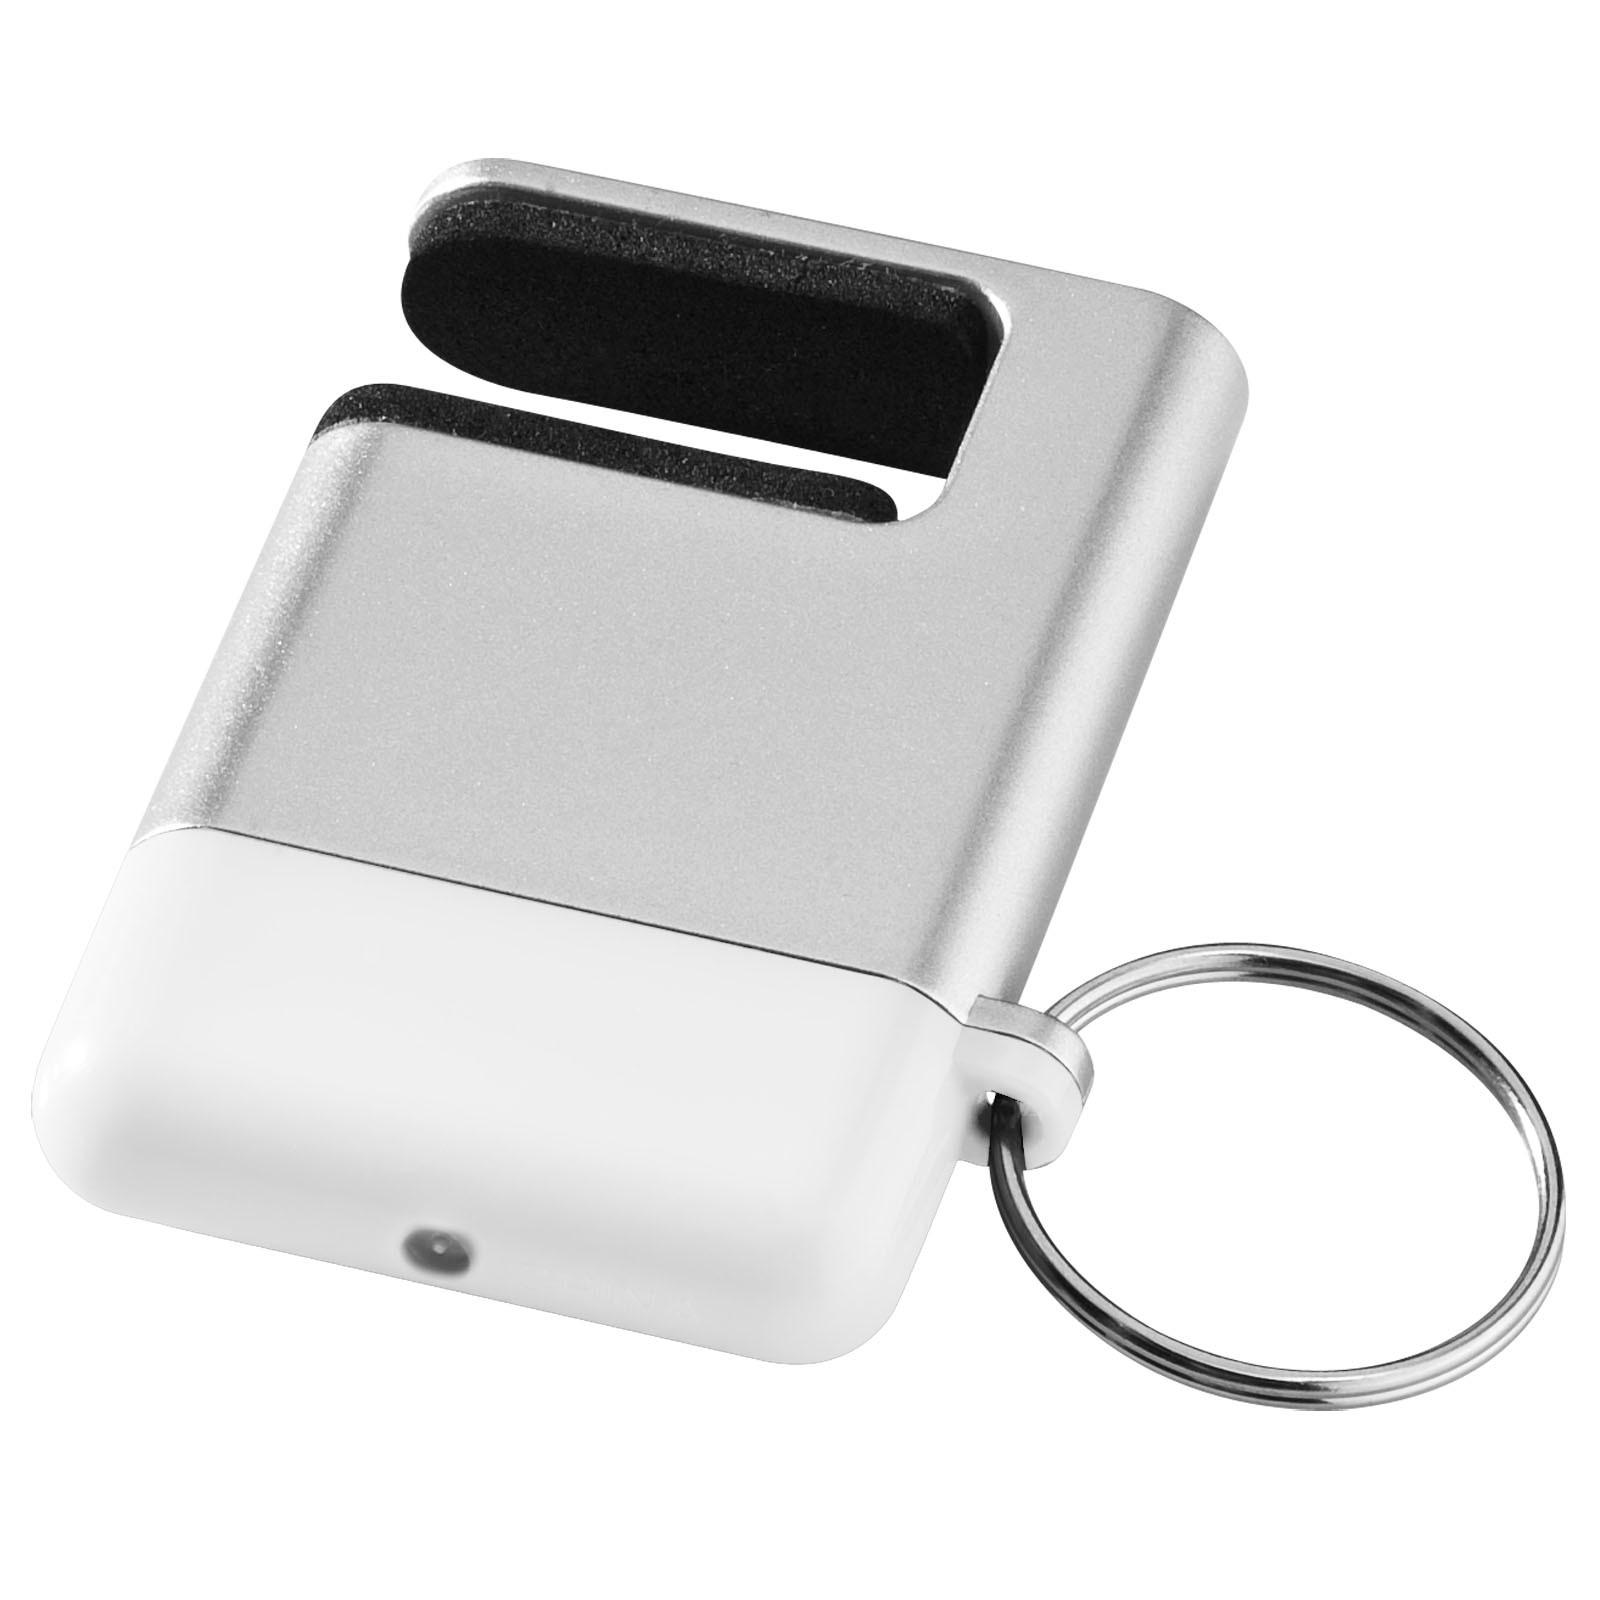 Čistítko displeje a držák telefonu Gogo - Stříbrný / Bílá